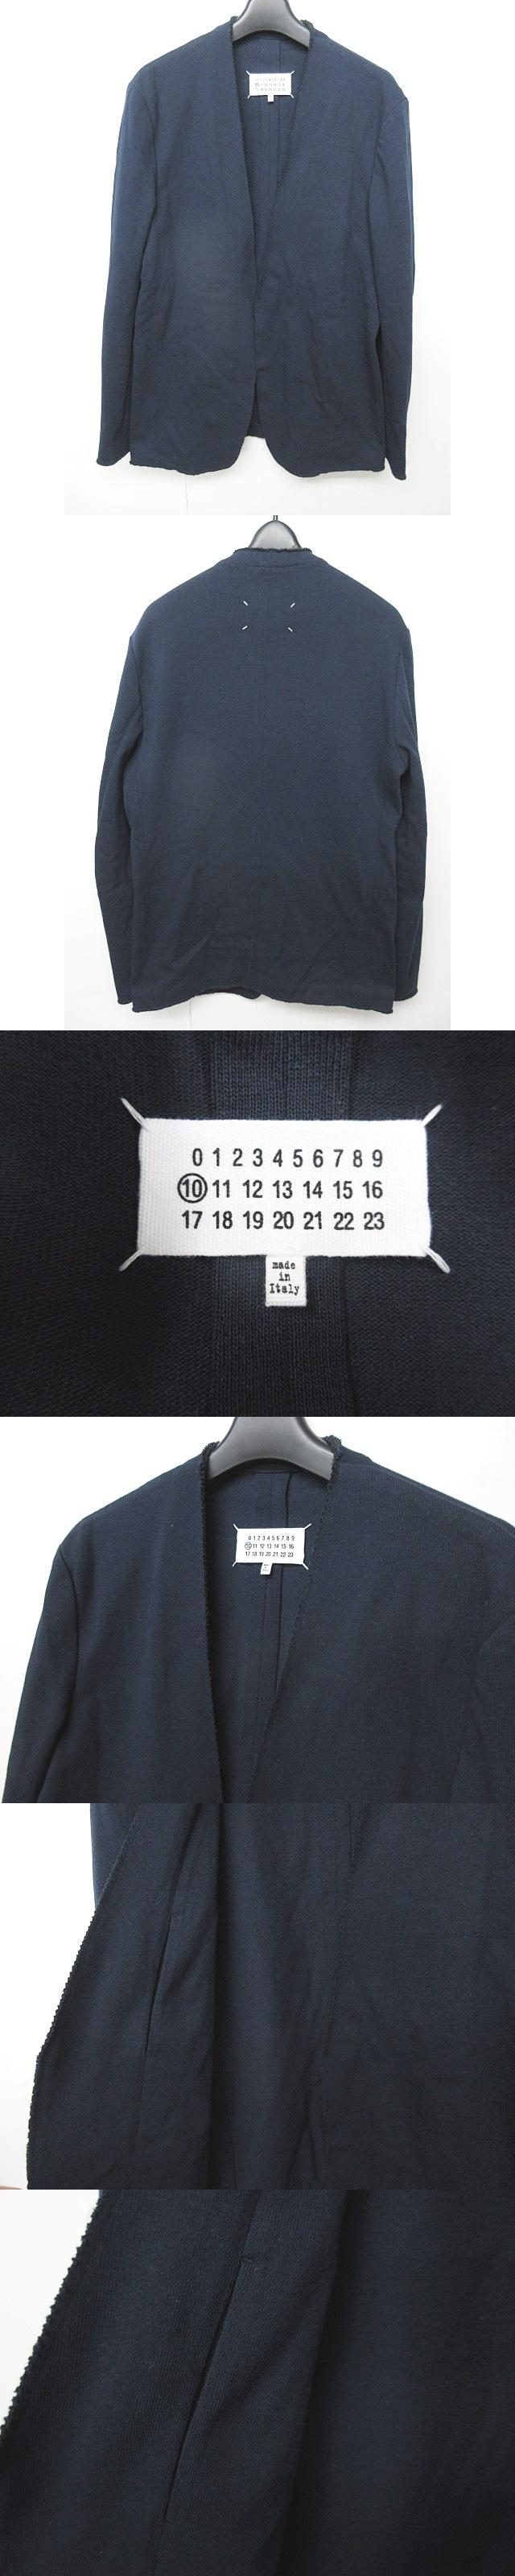 18SS ノーカラージャケット カーディガン カラーレス 紺 ネイビー 46 0426